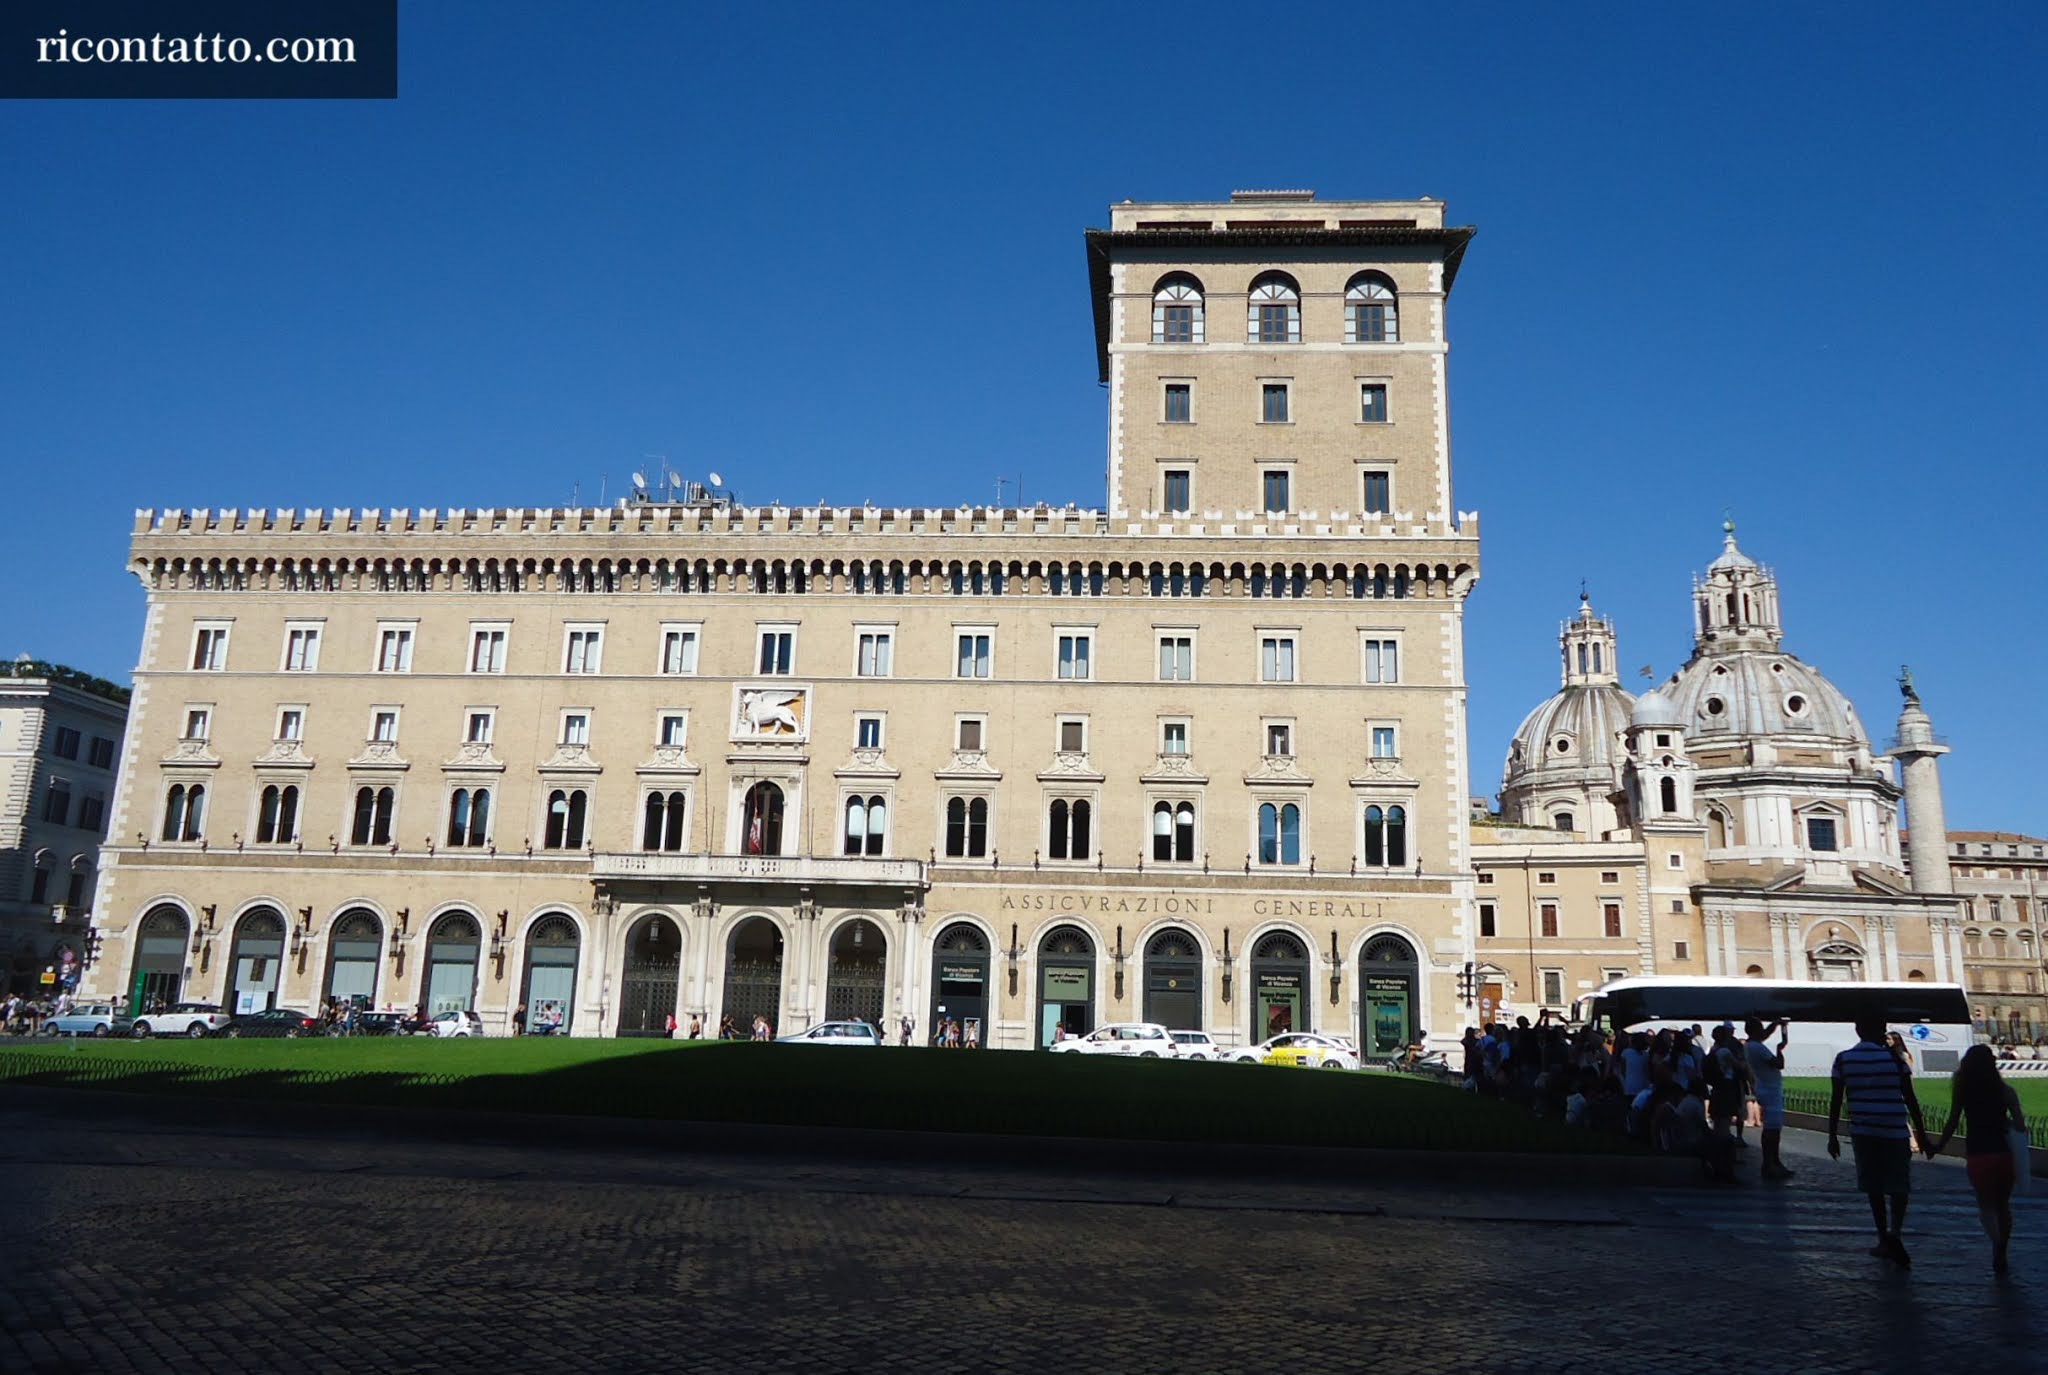 Roma, Lazio, Italy - Photo #11 by Ricontatto.com